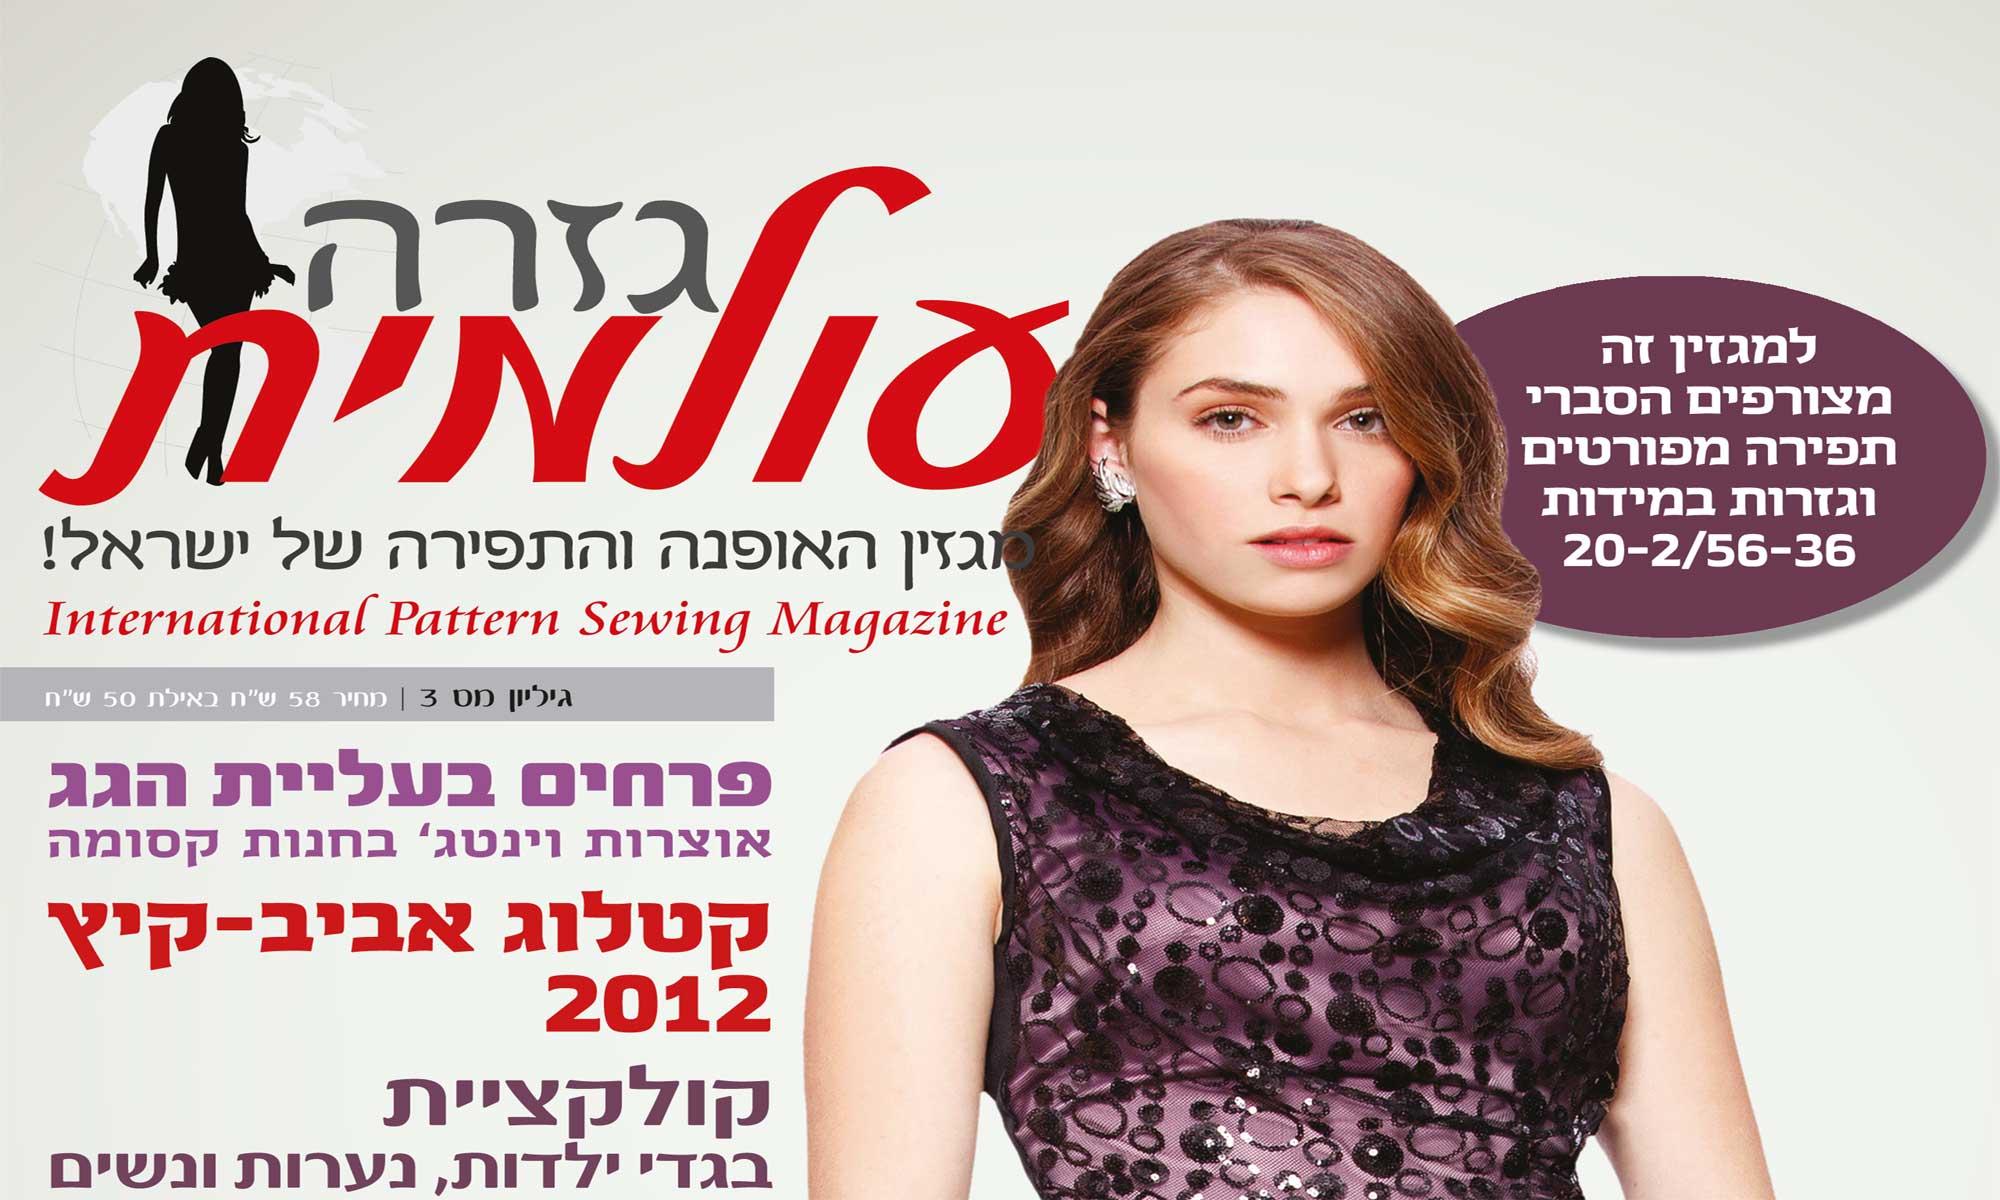 פנטסטי אודות | מגזין גזרה עולמית | מגזין גזרה עולמית | מגזין בורדה לתפירה RA-26